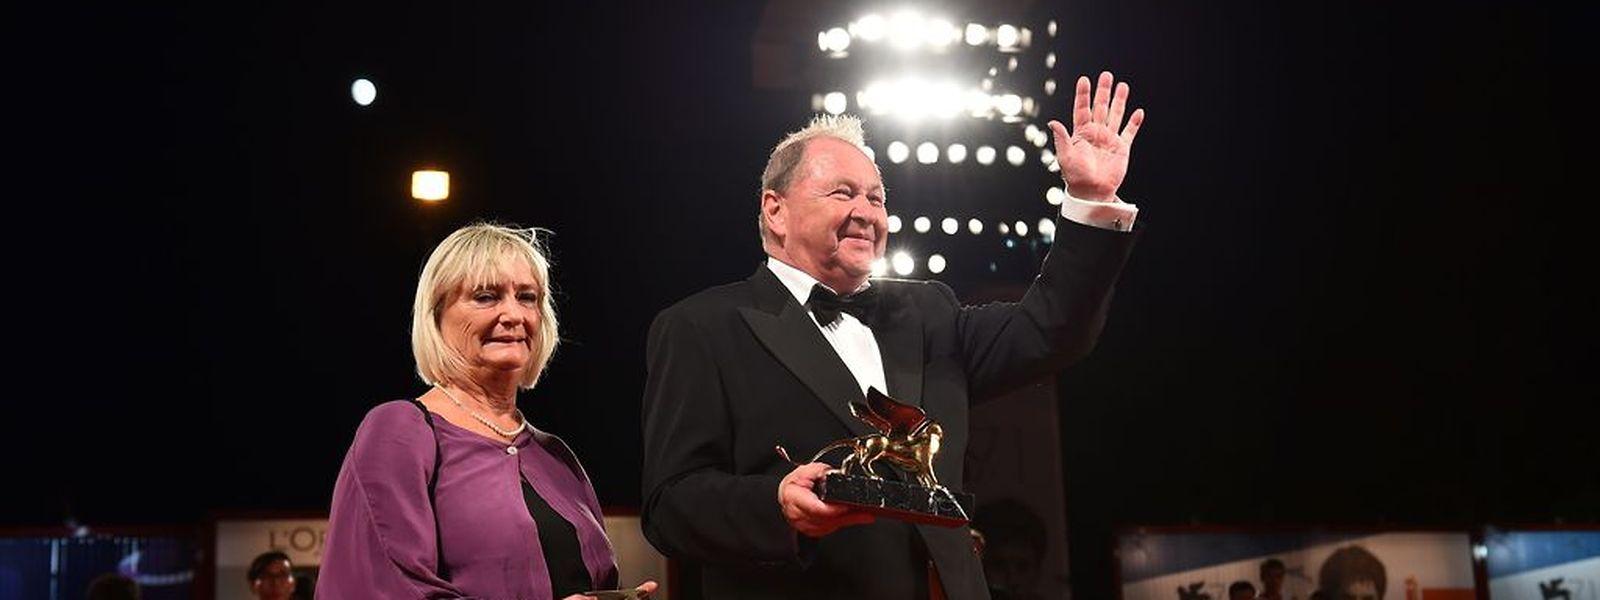 """Roy Andersson erhält den Goldenen Löwen für den besten Film für""""A Pigeon sat on a branch reflecting on existence""""."""